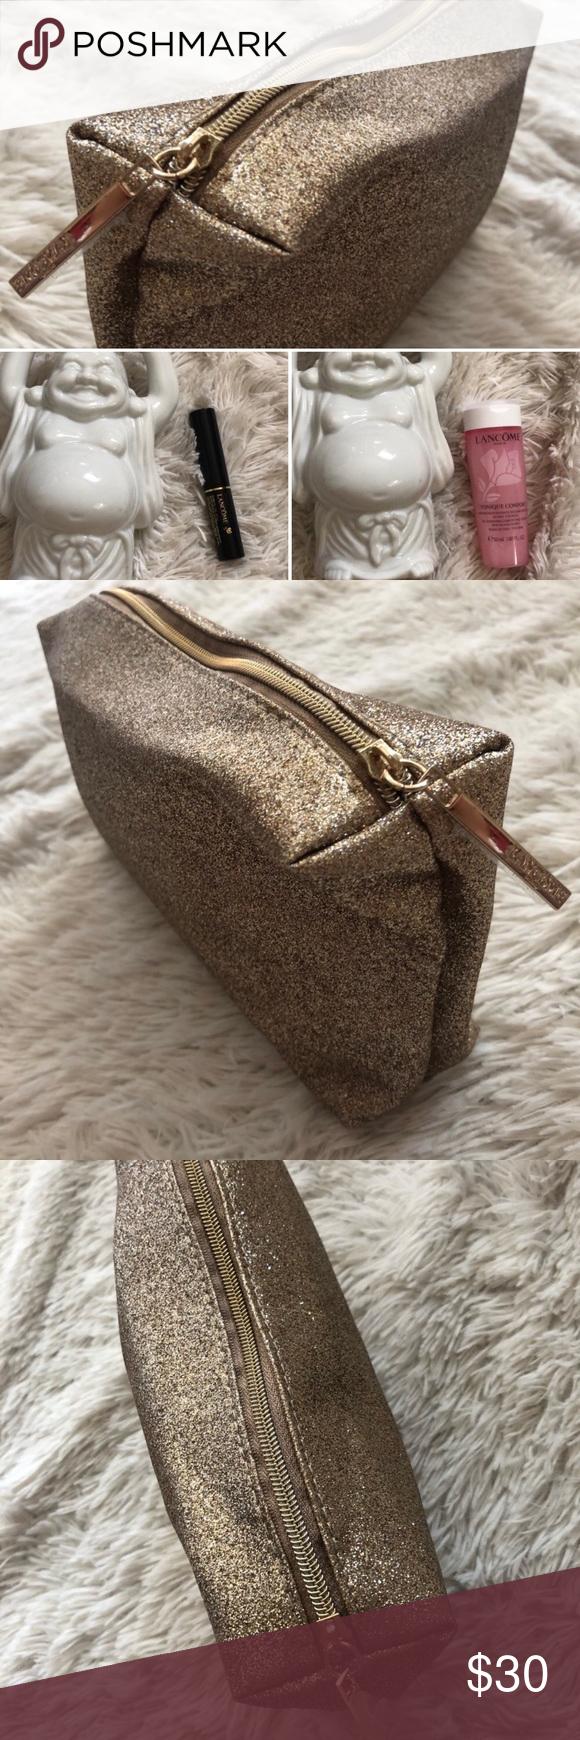 Lancôme gold glitter makeup case/ clutch NWT Makeup case